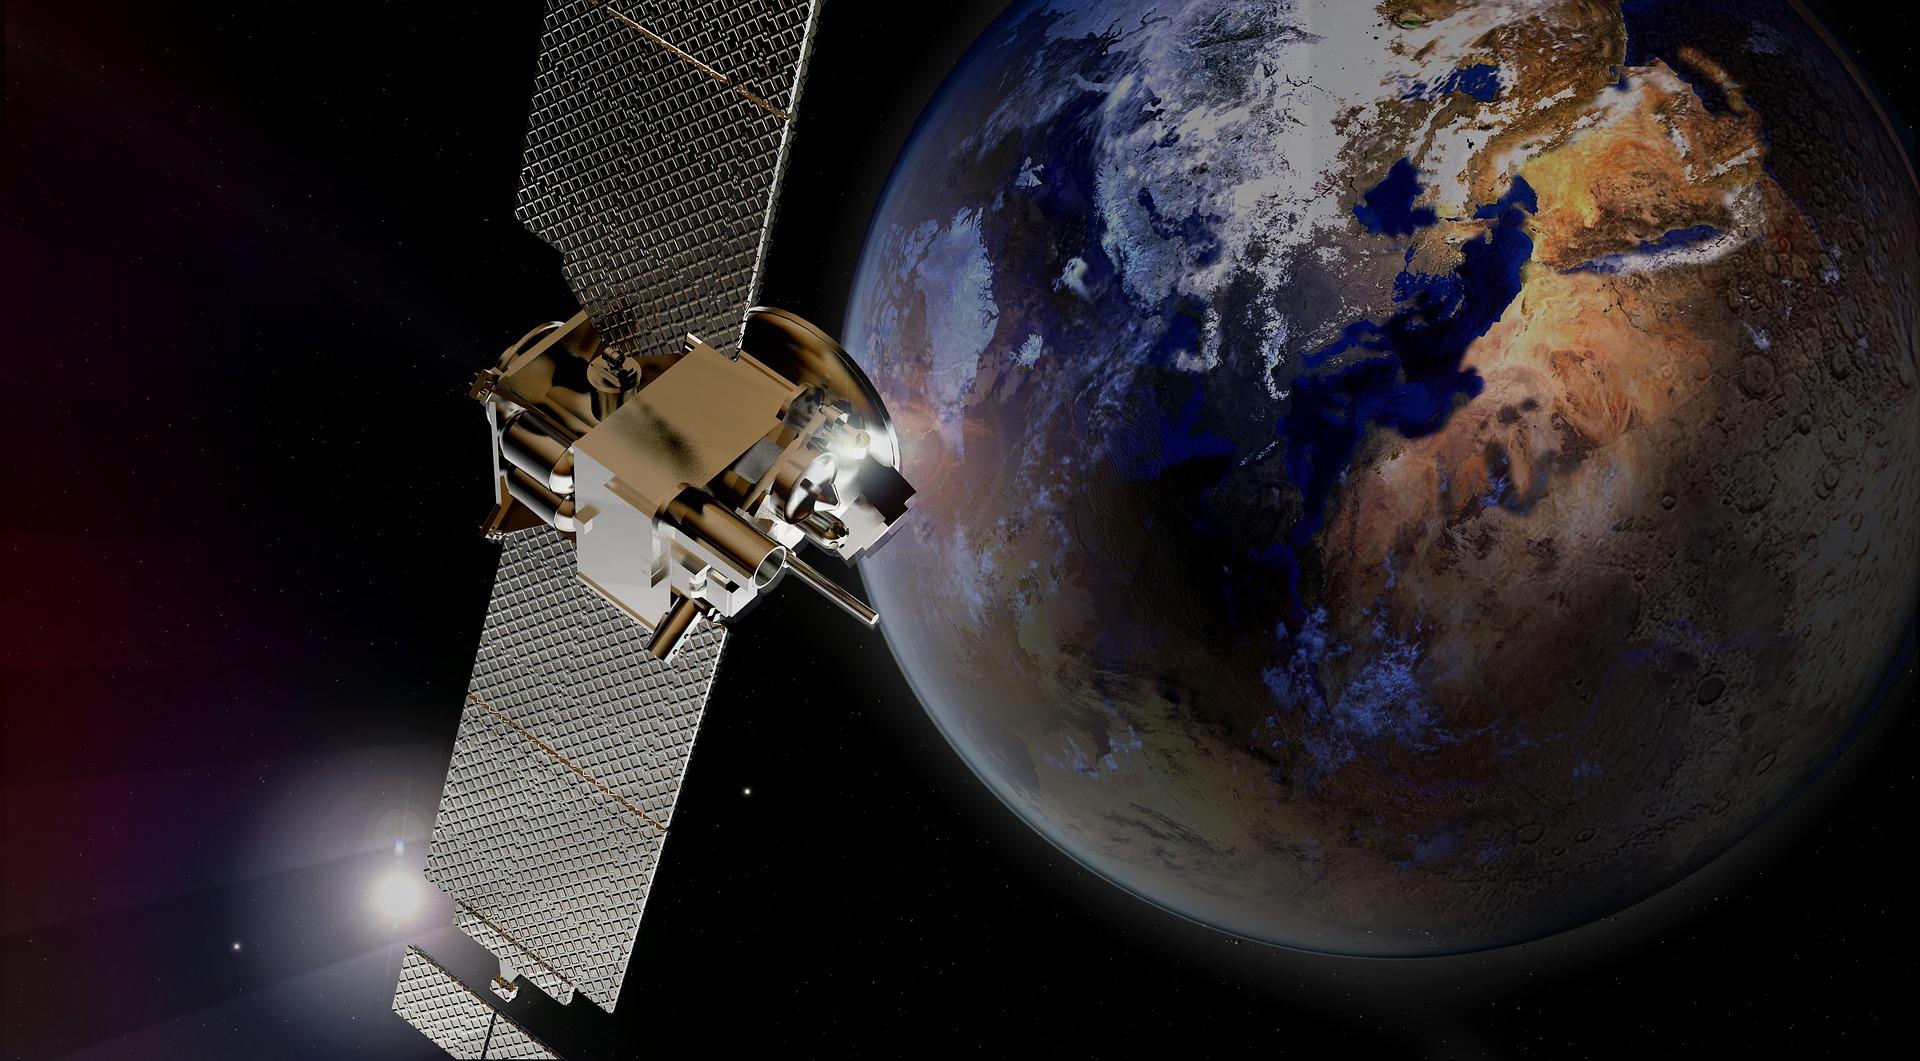 Spacecraft in front of Mars